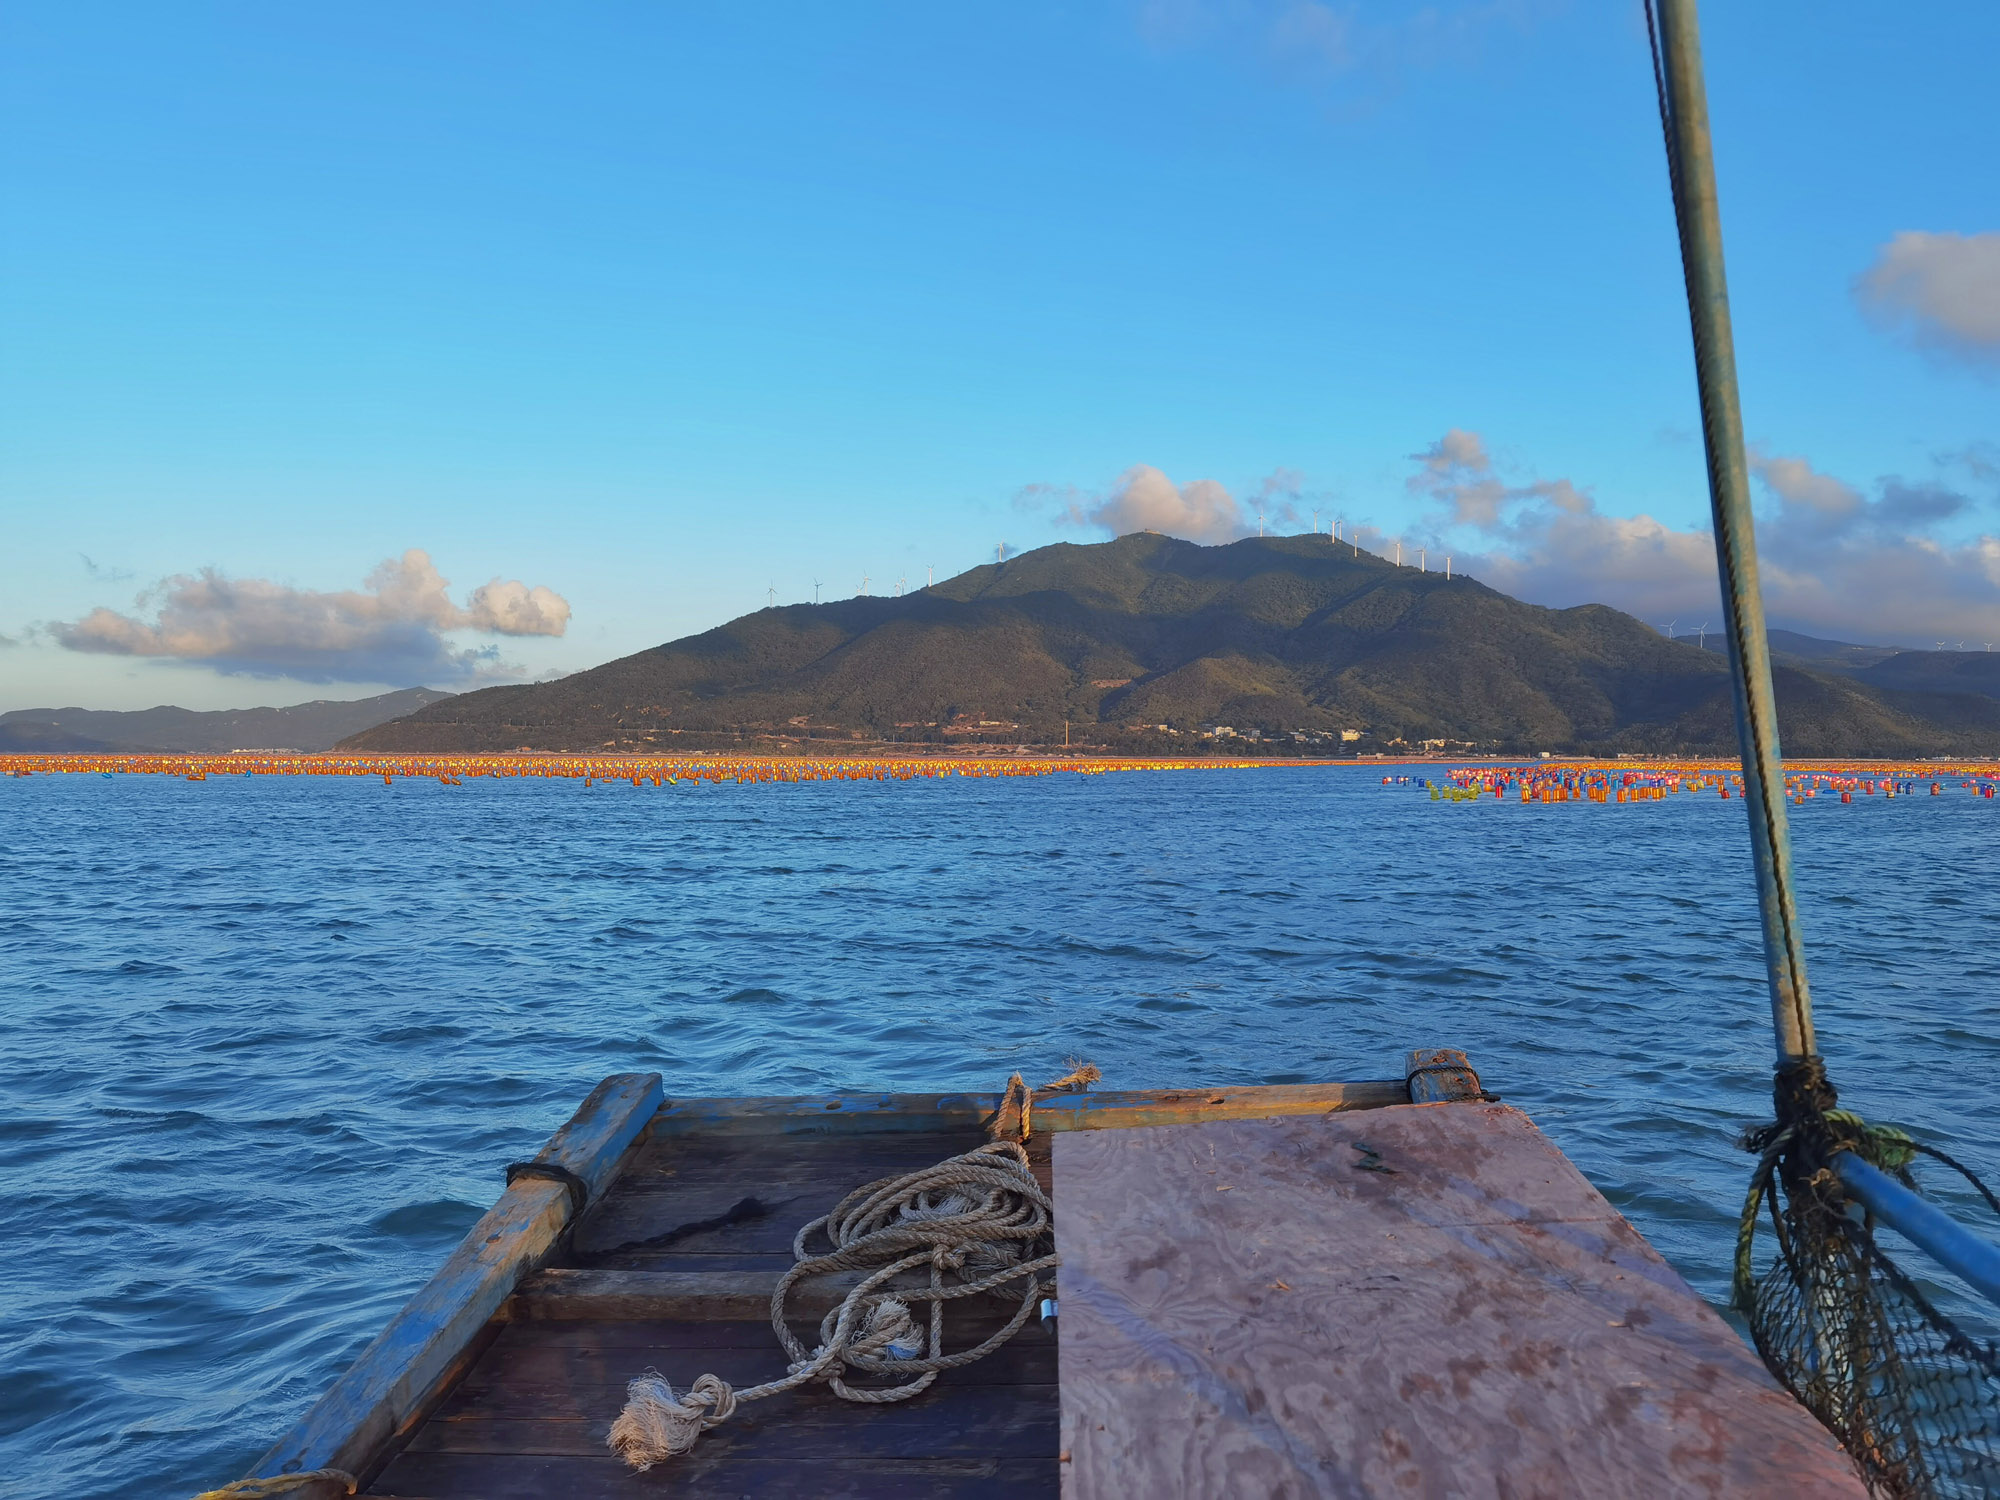 第二天傍晚组一条小渔船出海体验捕捞海鲜